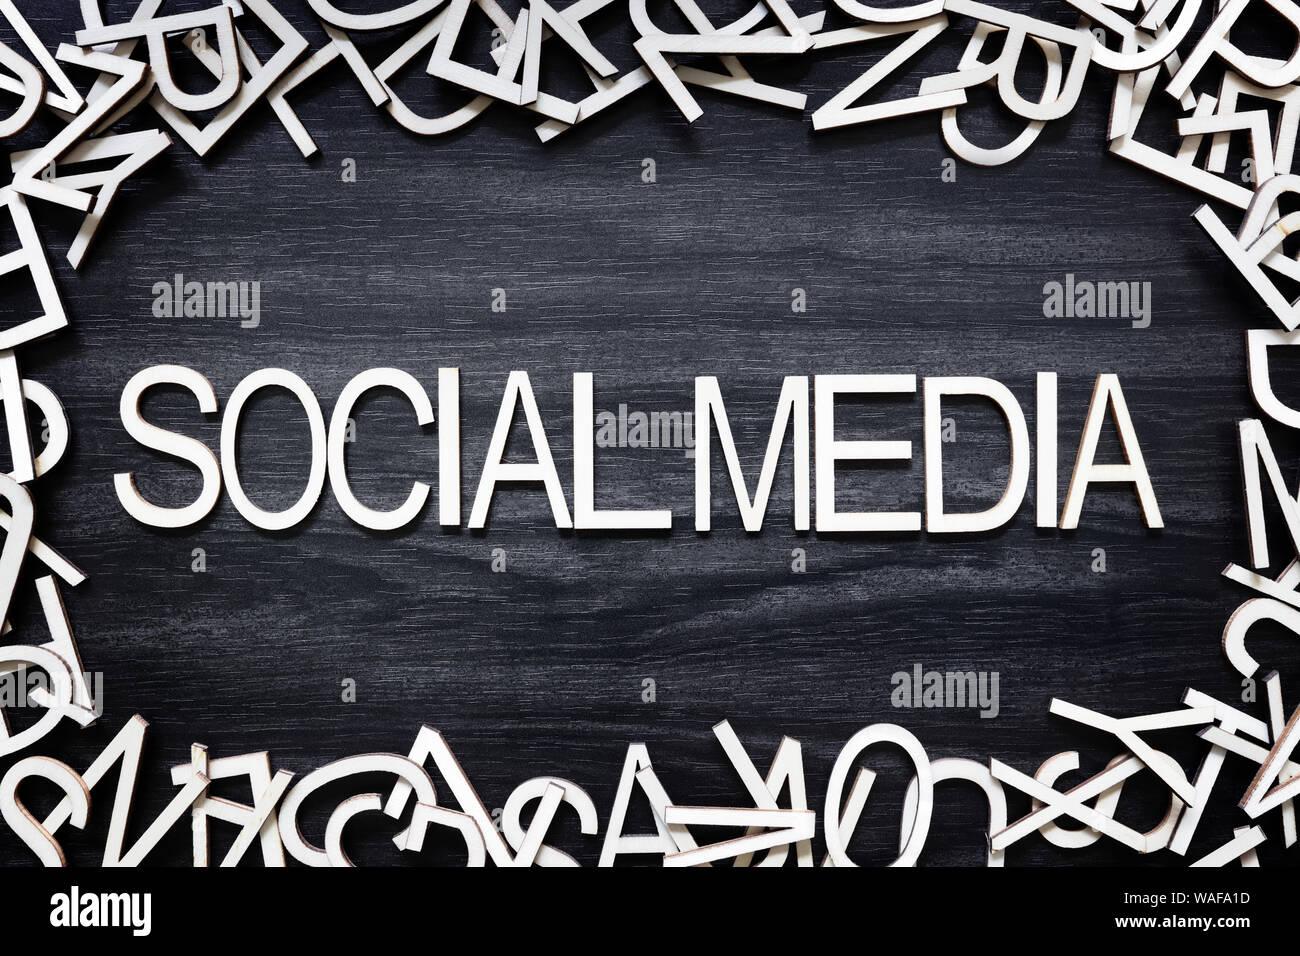 Letras de madera de medios sociales en junta de negro Foto de stock